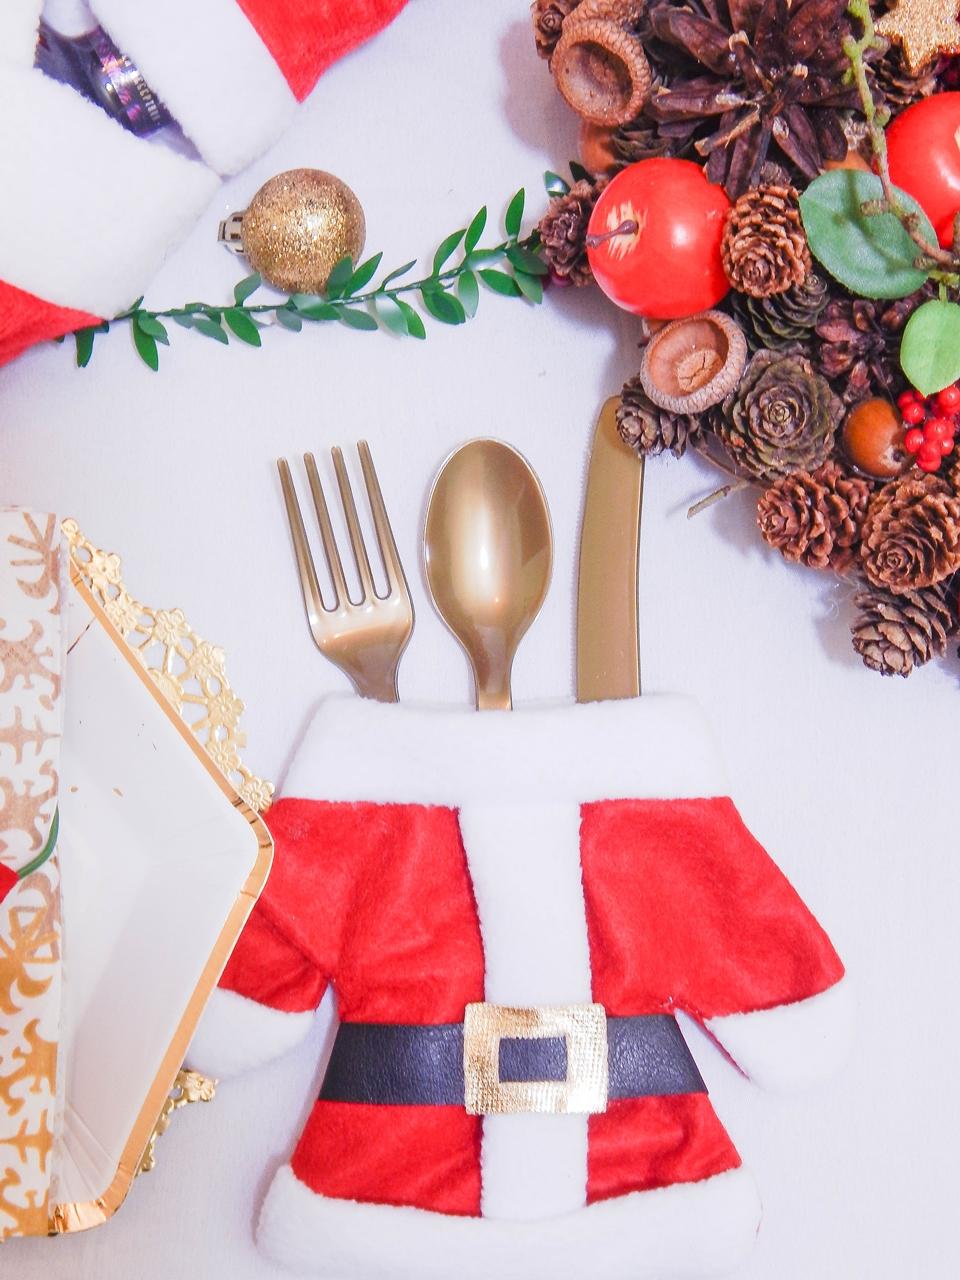 6 dekoracja świątecznego stołu jak udekorować stół na boże narodzenie dekoracja kolacja wigilijna dekoracja stroik na stół wigilijny wianek świeczka mikołajowe ubrania na butelki mikołaje na sztućce